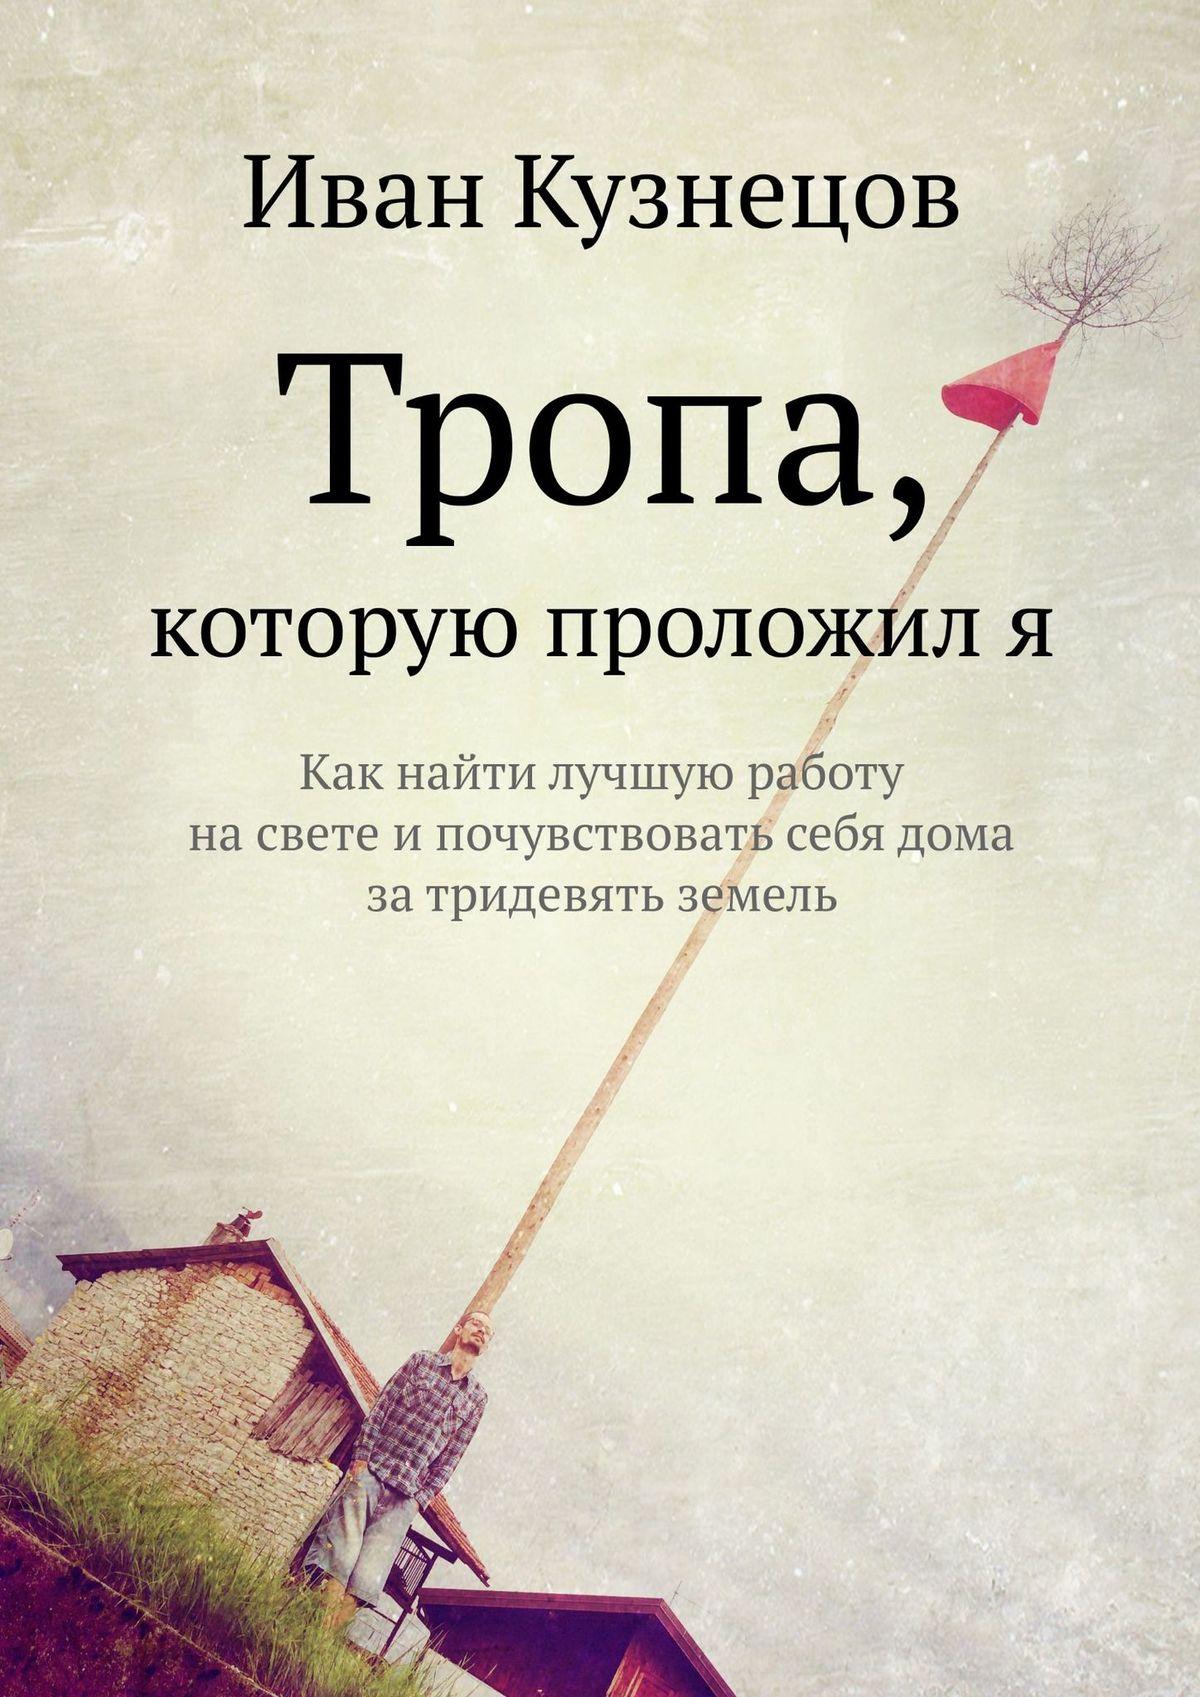 Иван Кузнецов Тропа, которую проложиля. Как найти лучшую работу насвете ипочувствовать себя дома затридевять земель